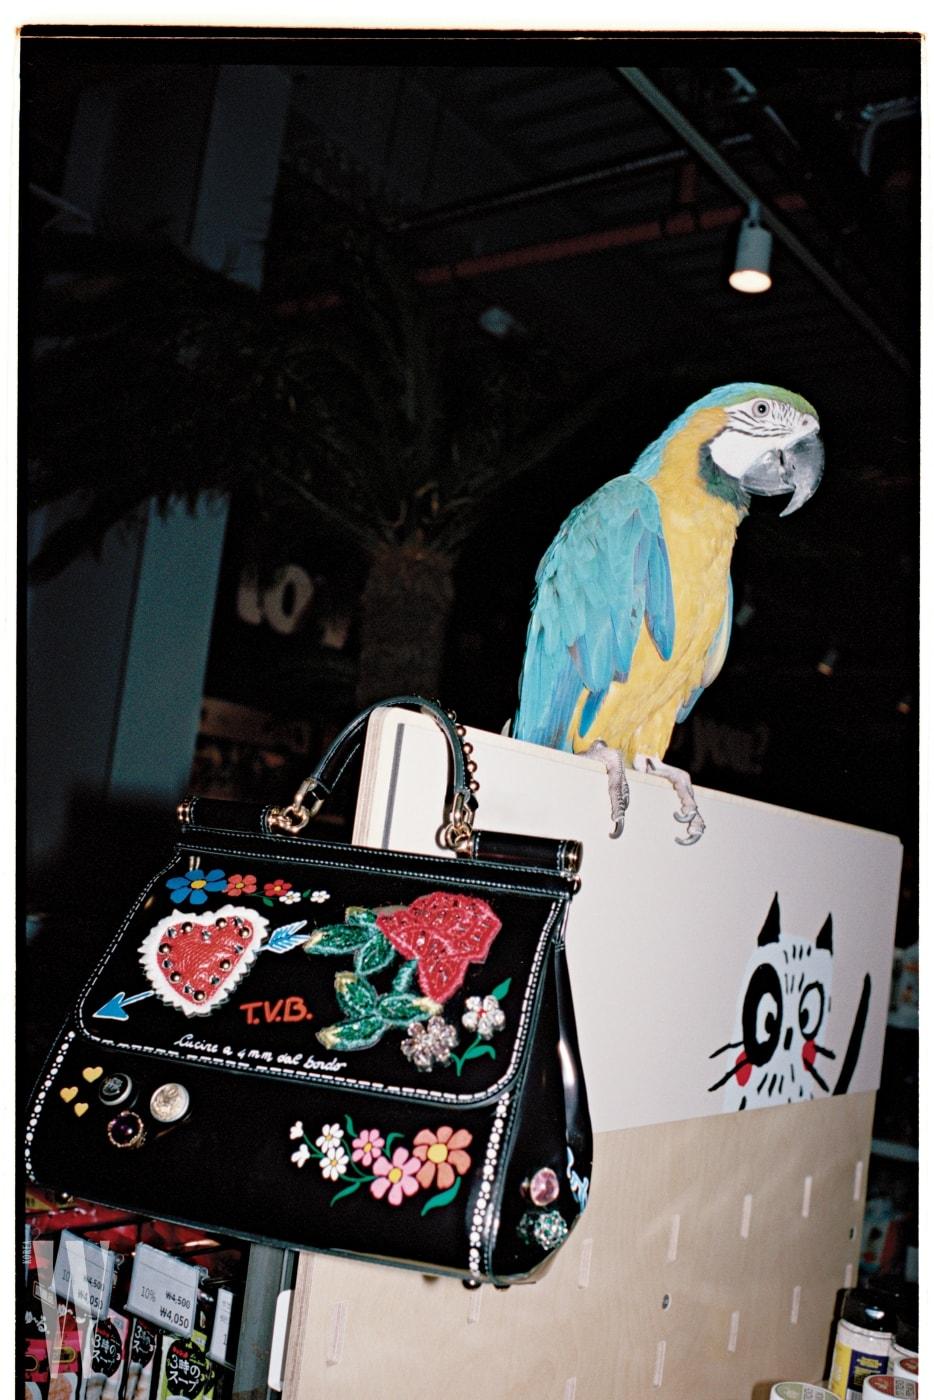 다양한 꽃무늬를 패치워크한 페이턴트 가죽 토트백은 돌체&가바나 제품. 가격 미정.